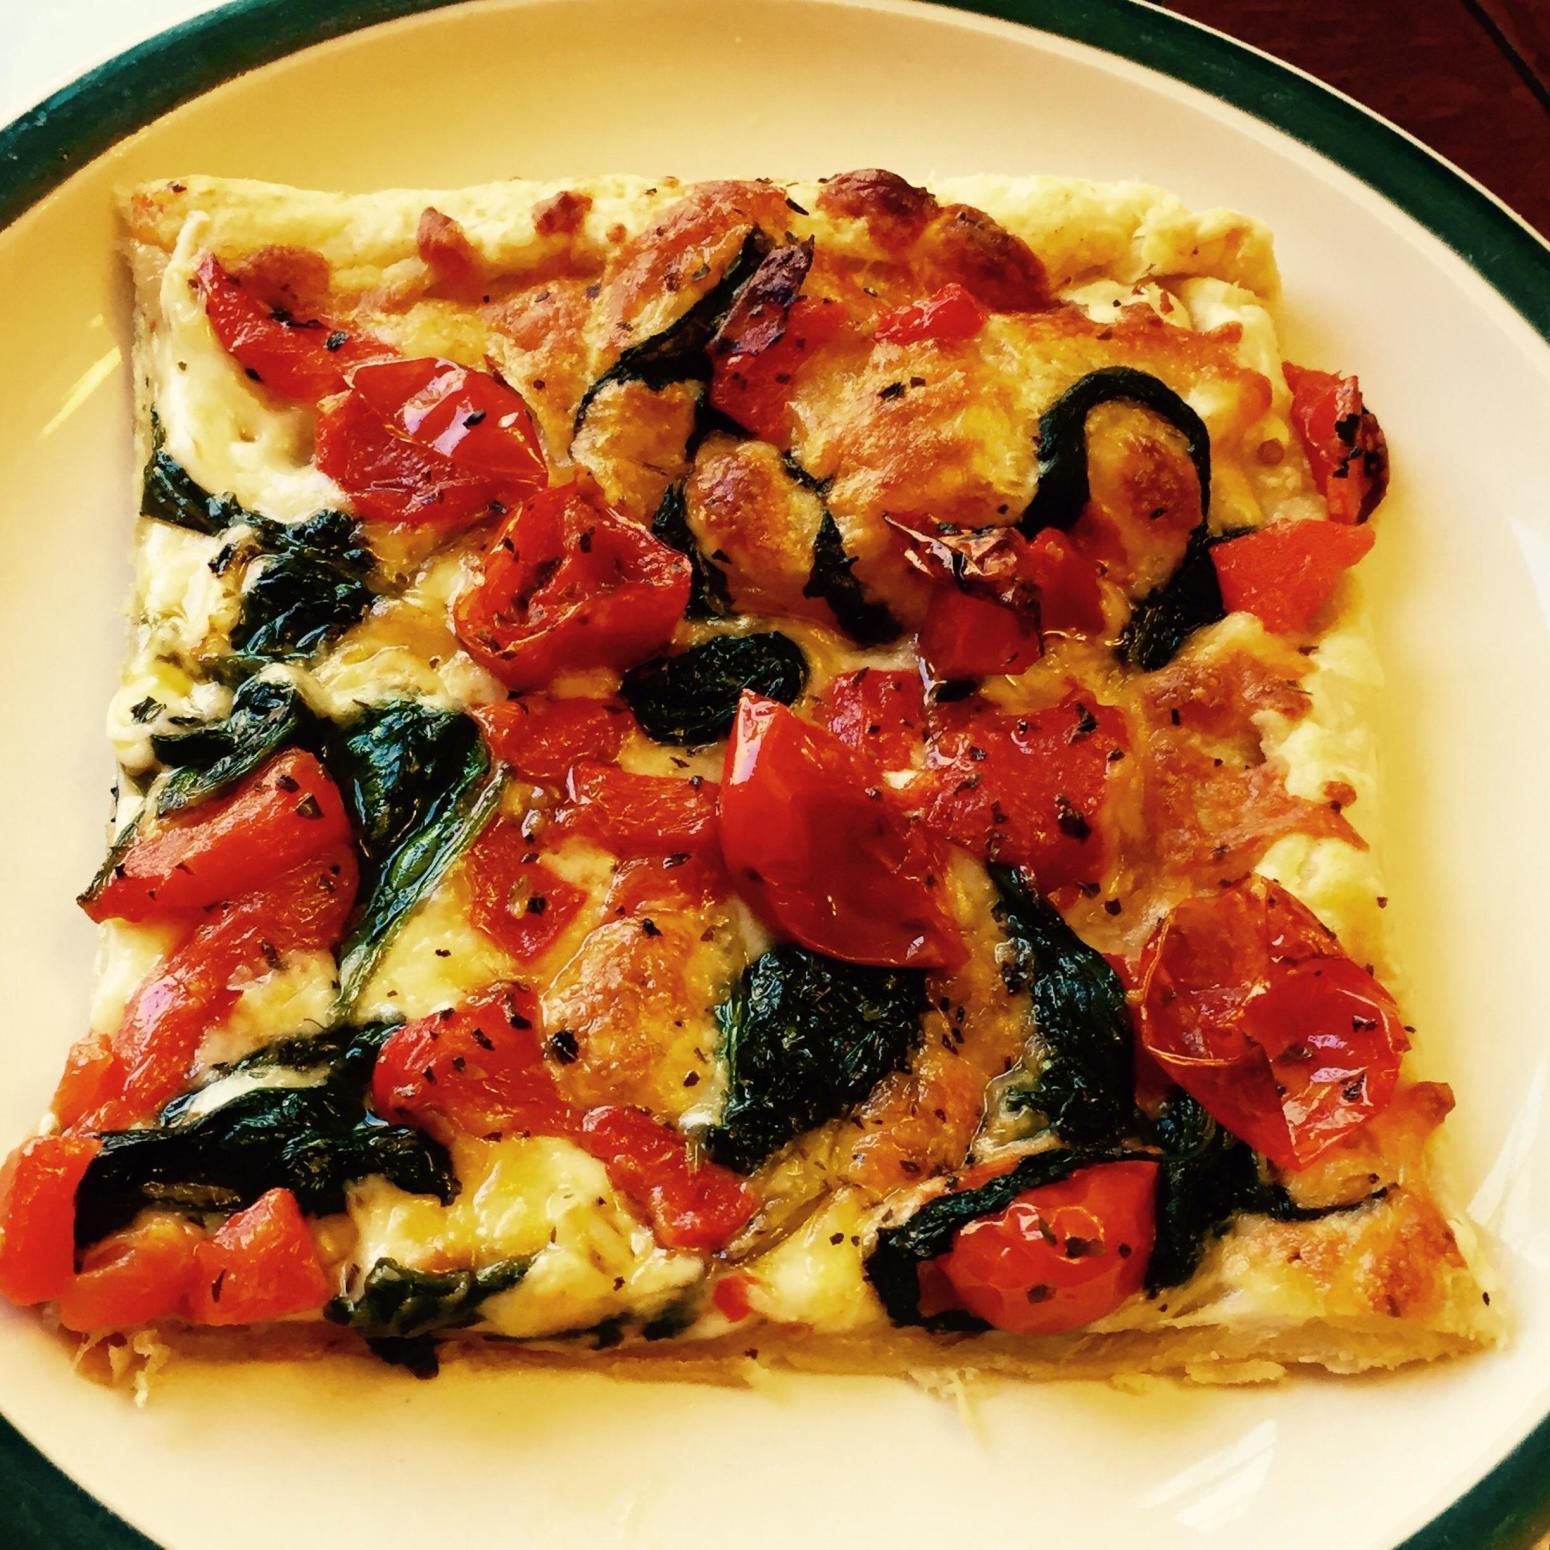 Tomato Mozzarella Garlic Spinach Flat Bread Recipe | Just A Pinch ...